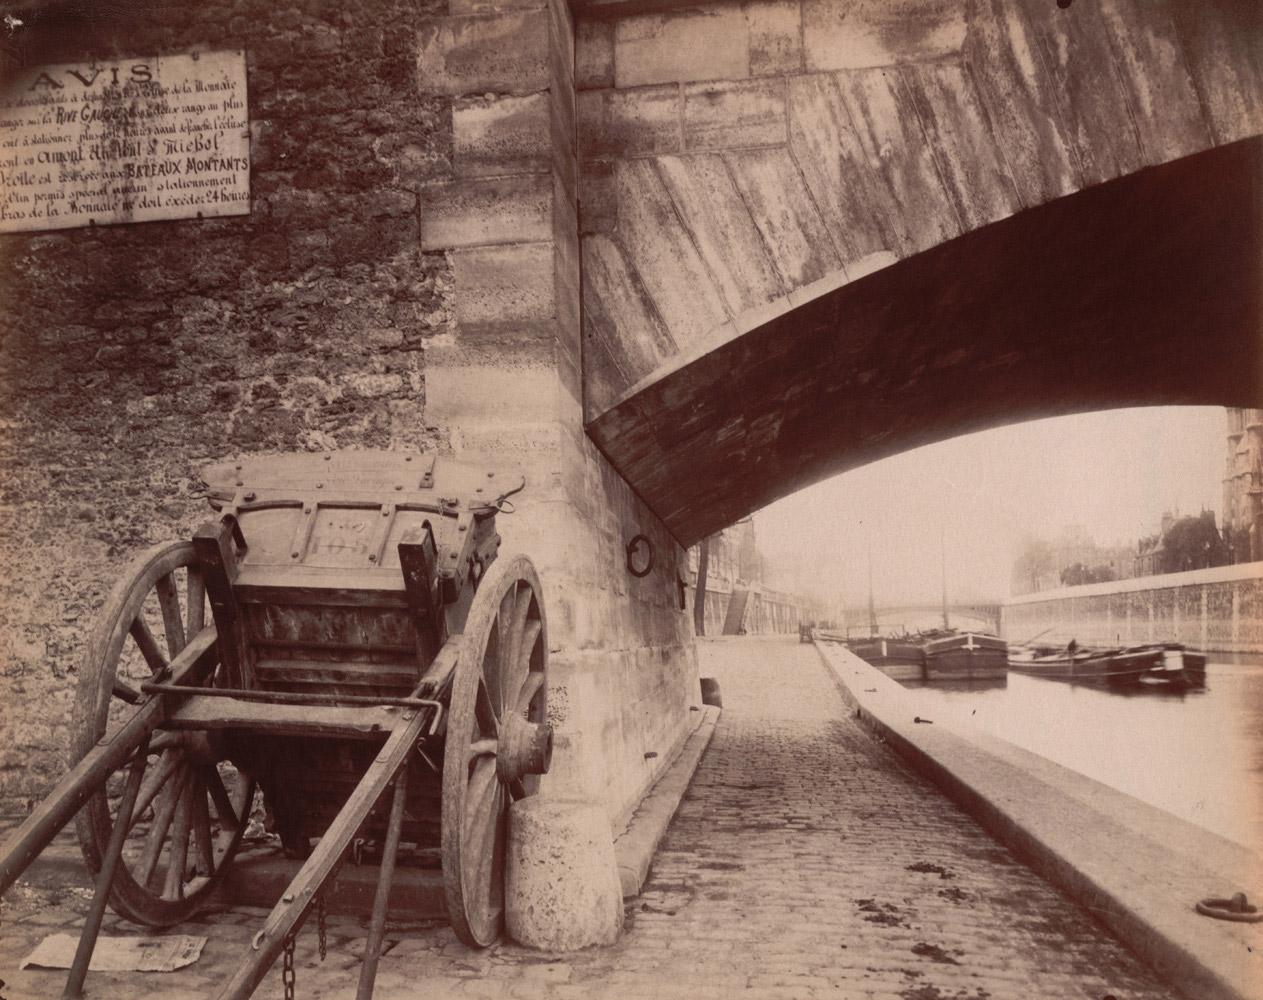 A corner of the quai de la Tournelle, fifth arrondissement, 1910-1911